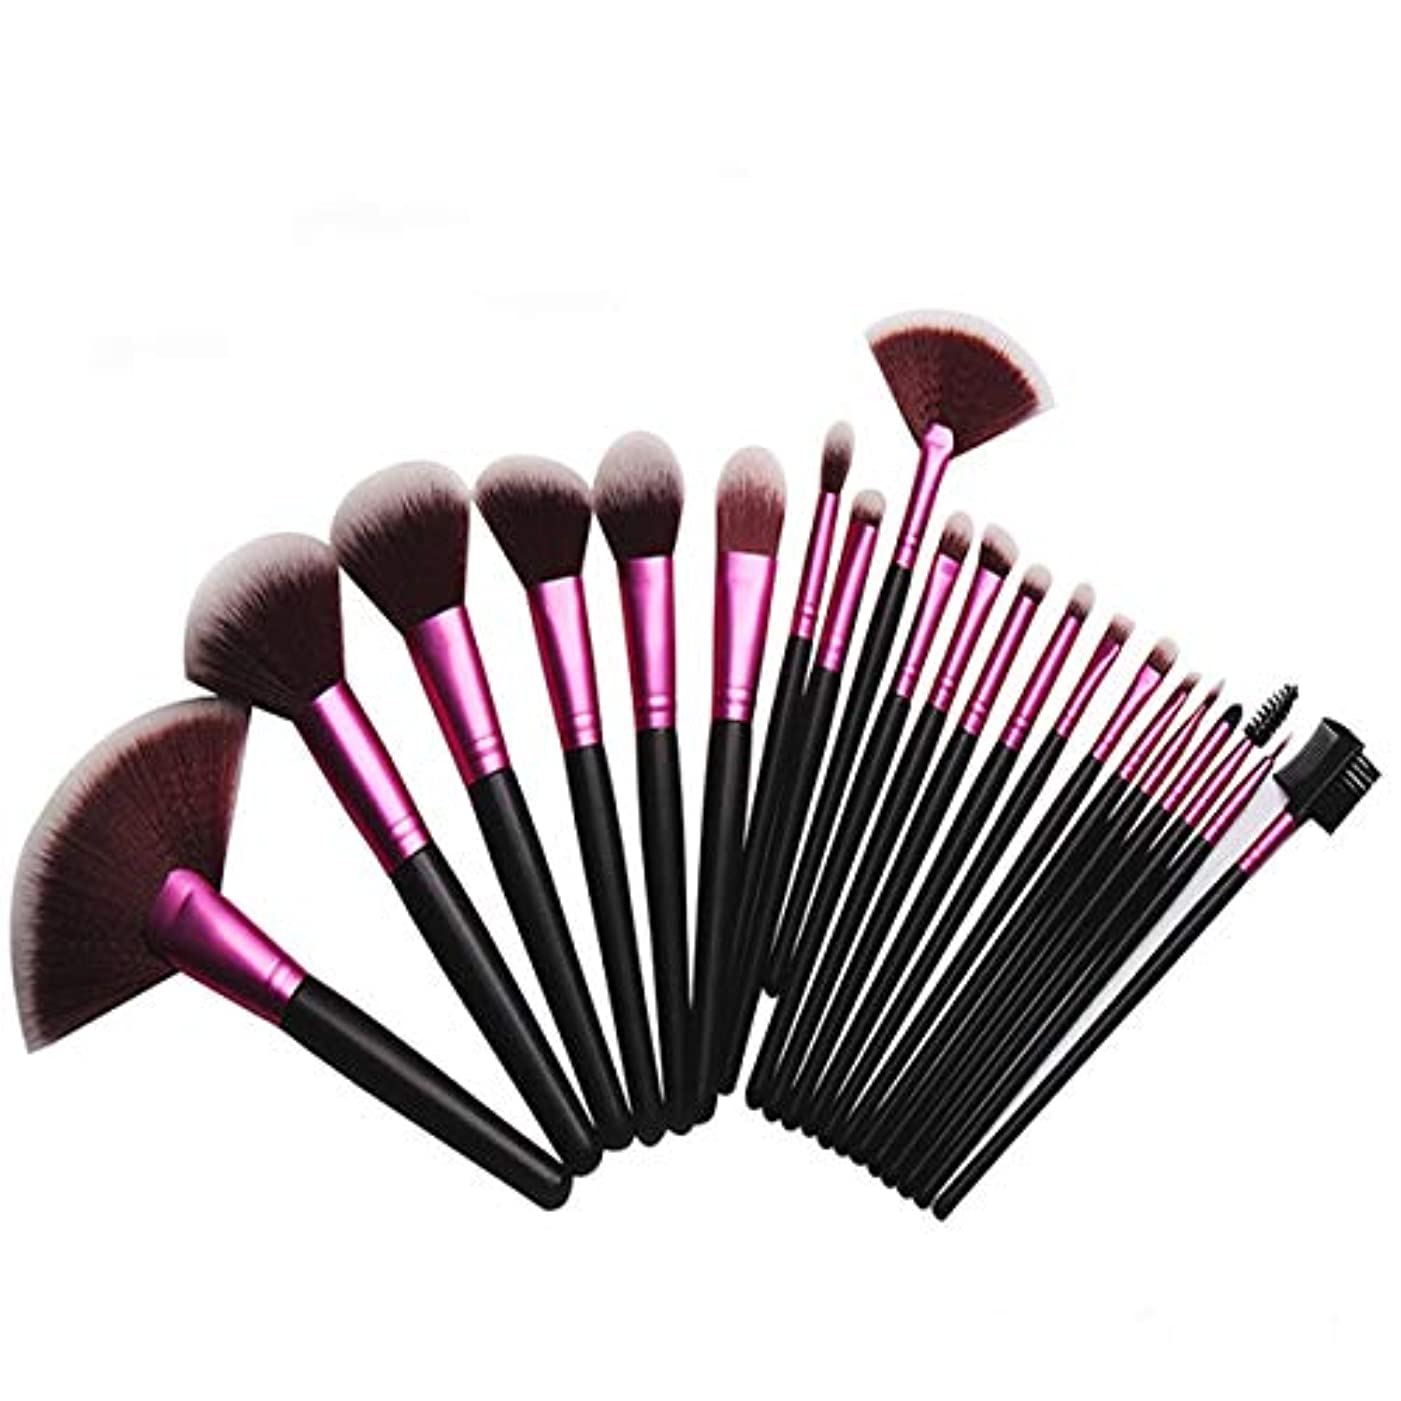 貼り直すバーファンJIAYIZS 21個化粧ブラシセットブラシファンデーションブラシチークブラシアイシャドウブラシリップブラシ高光沢ブラシセットブラシ